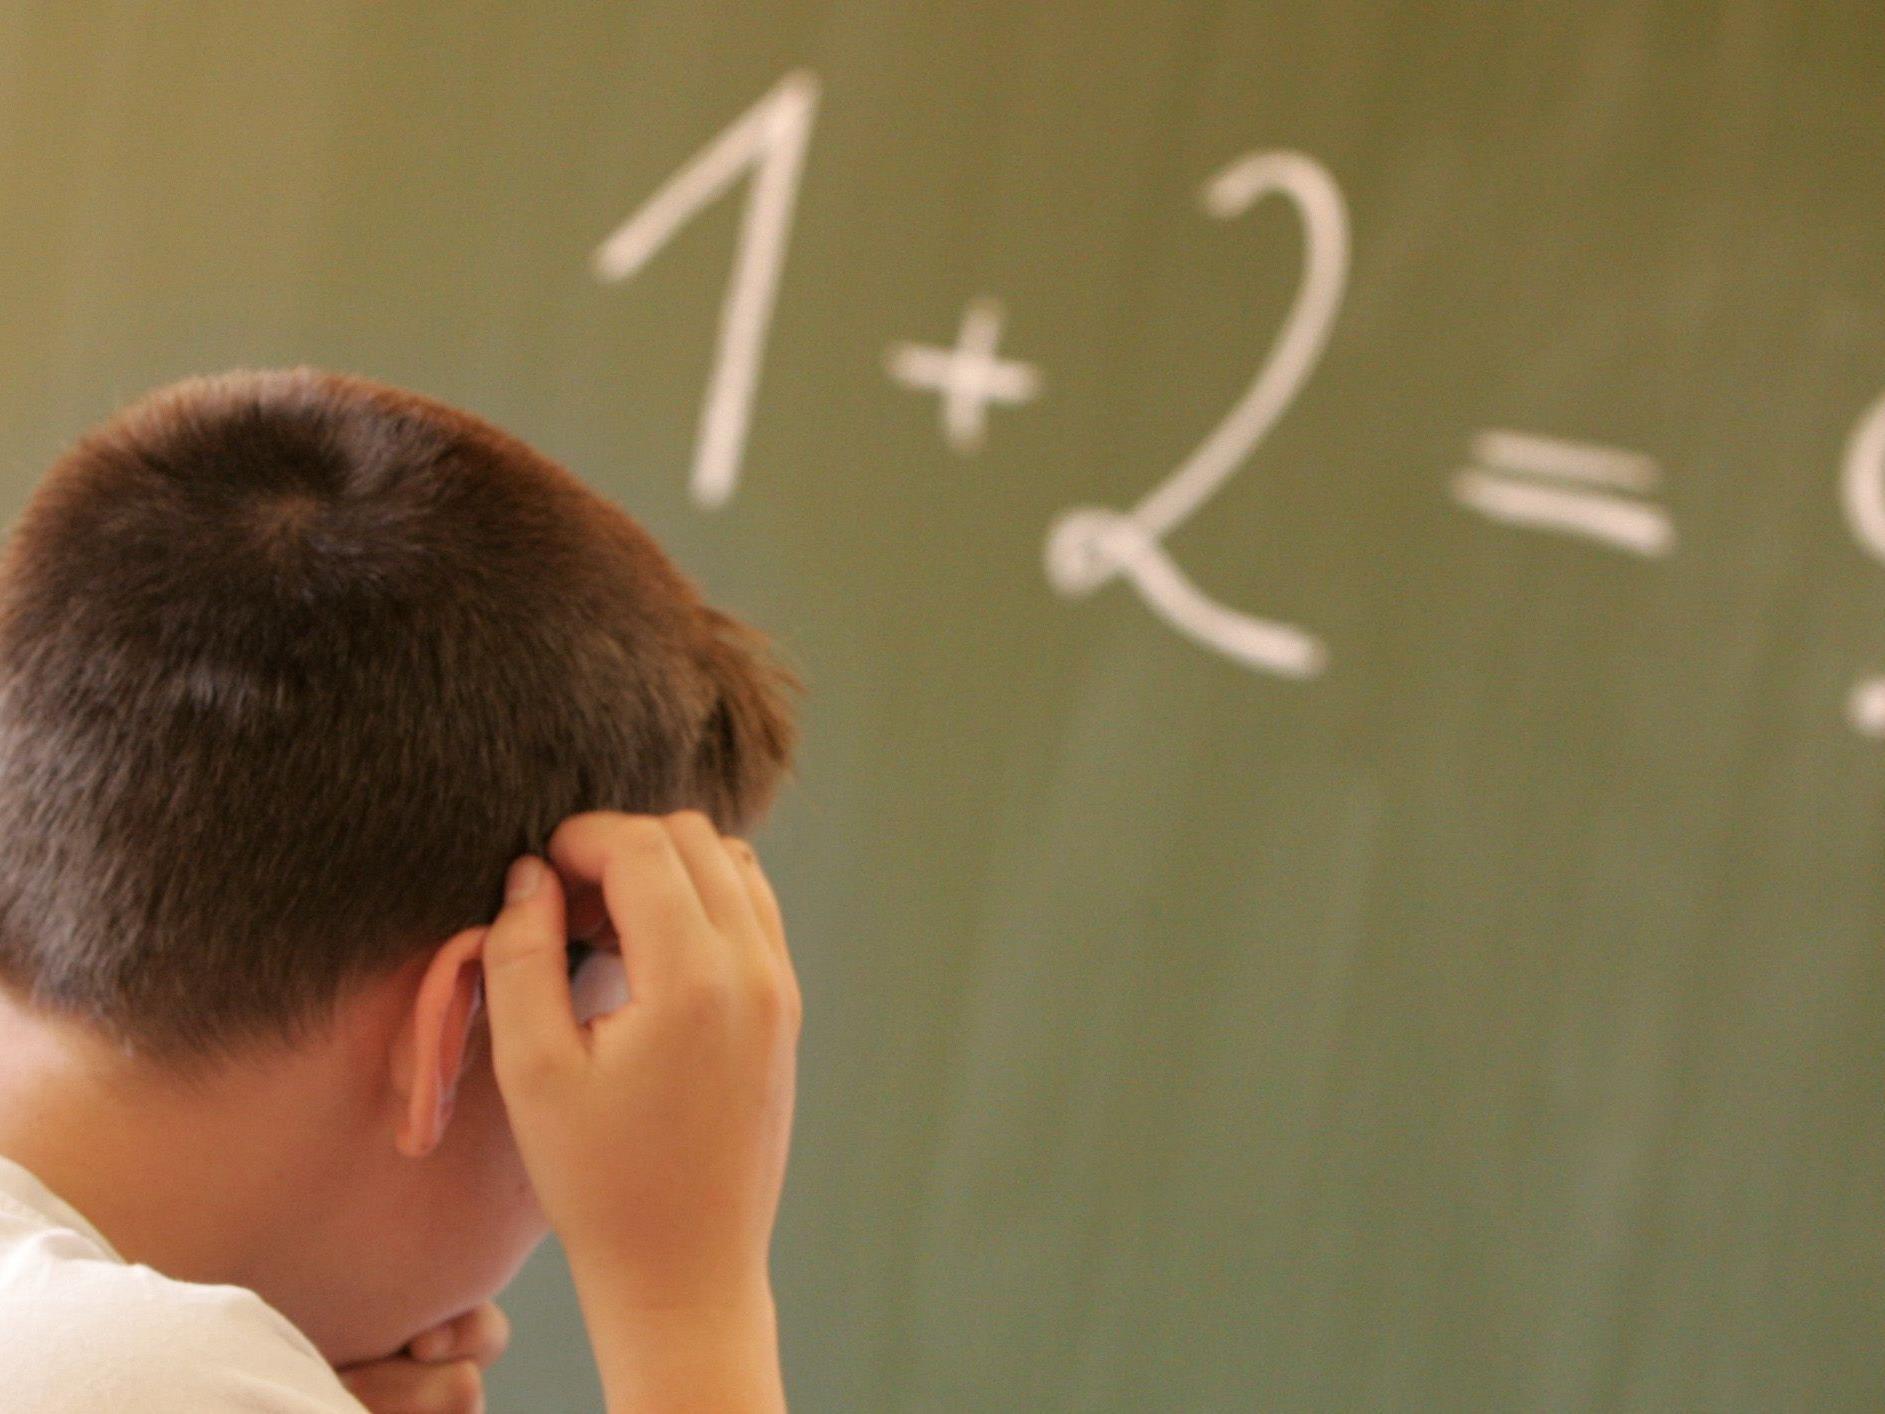 """Im Ländle vergab die Schulbehörde die """"Lizenz"""" öfter als in Wien, OÖ und NÖ."""